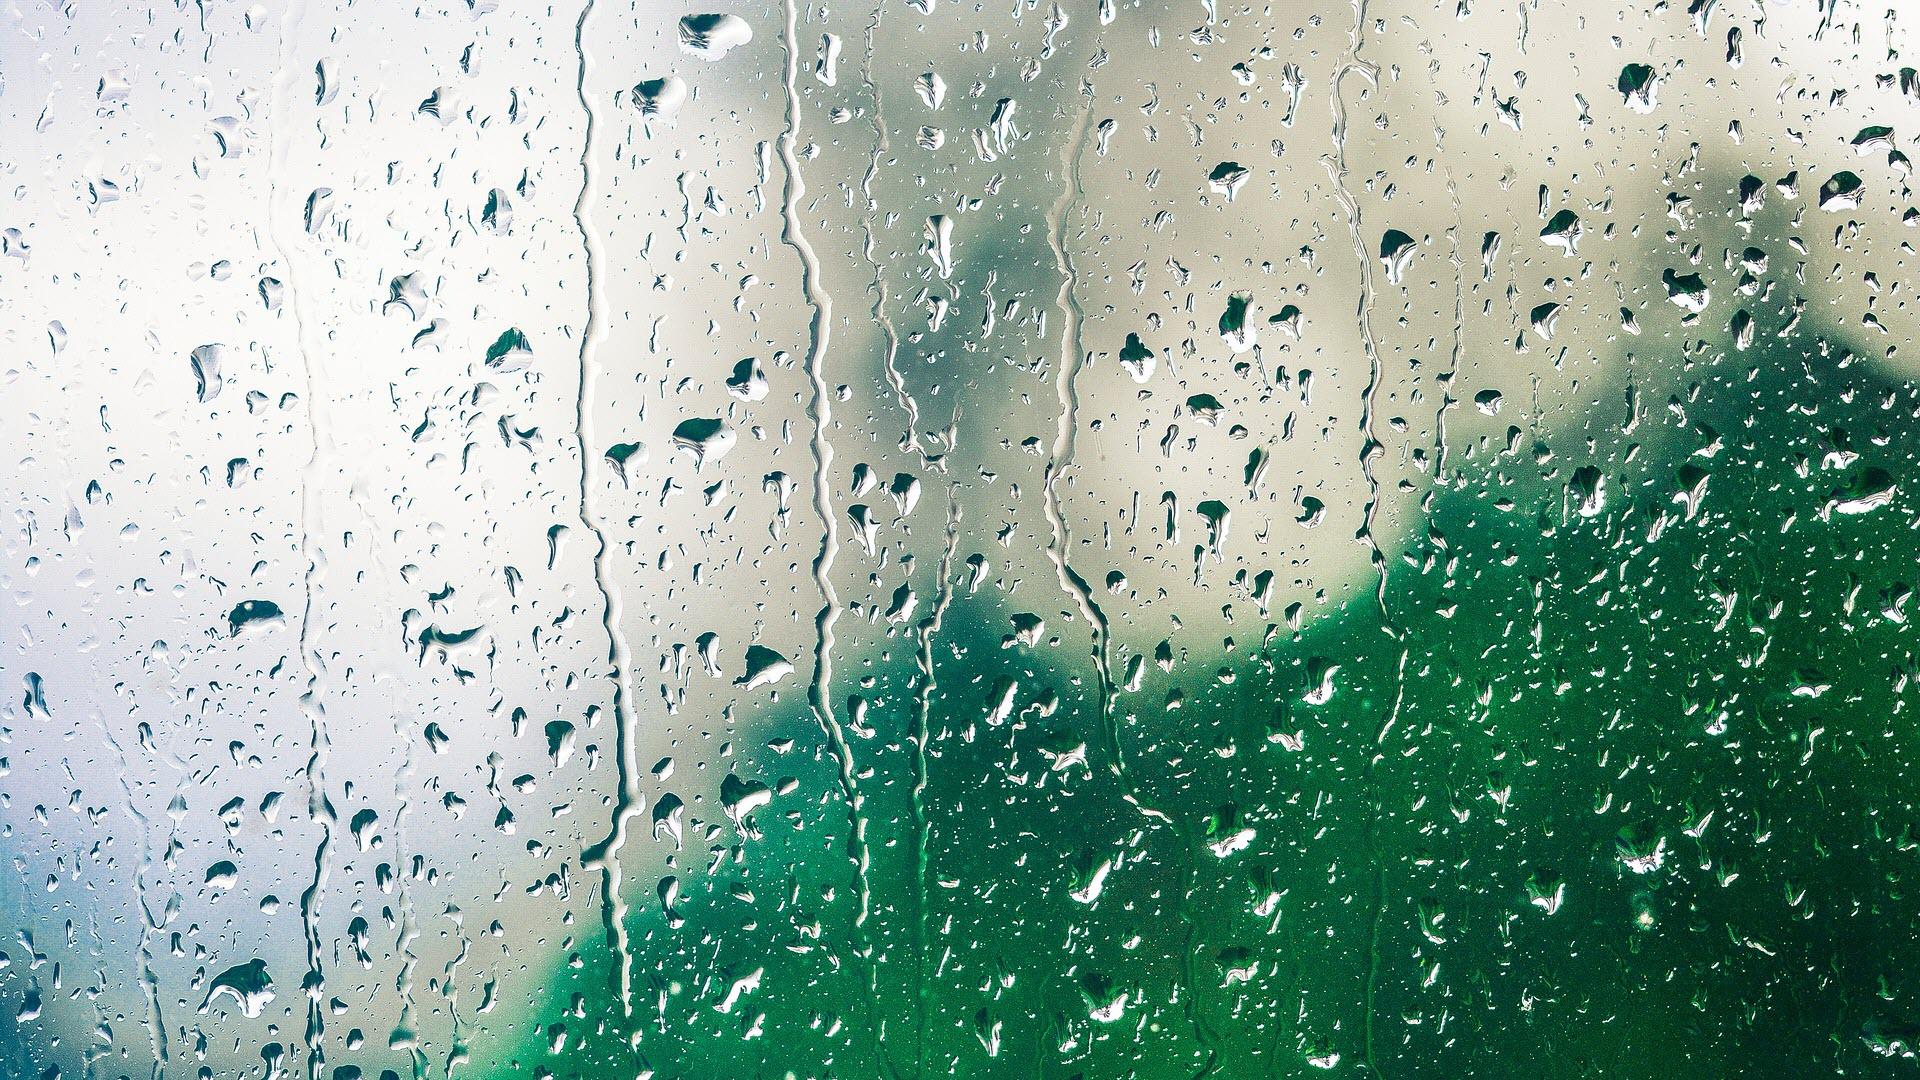 Осень дождь футажи скачать бесплатно footage hd | Осень, Дождь, Видео | 1080x1920